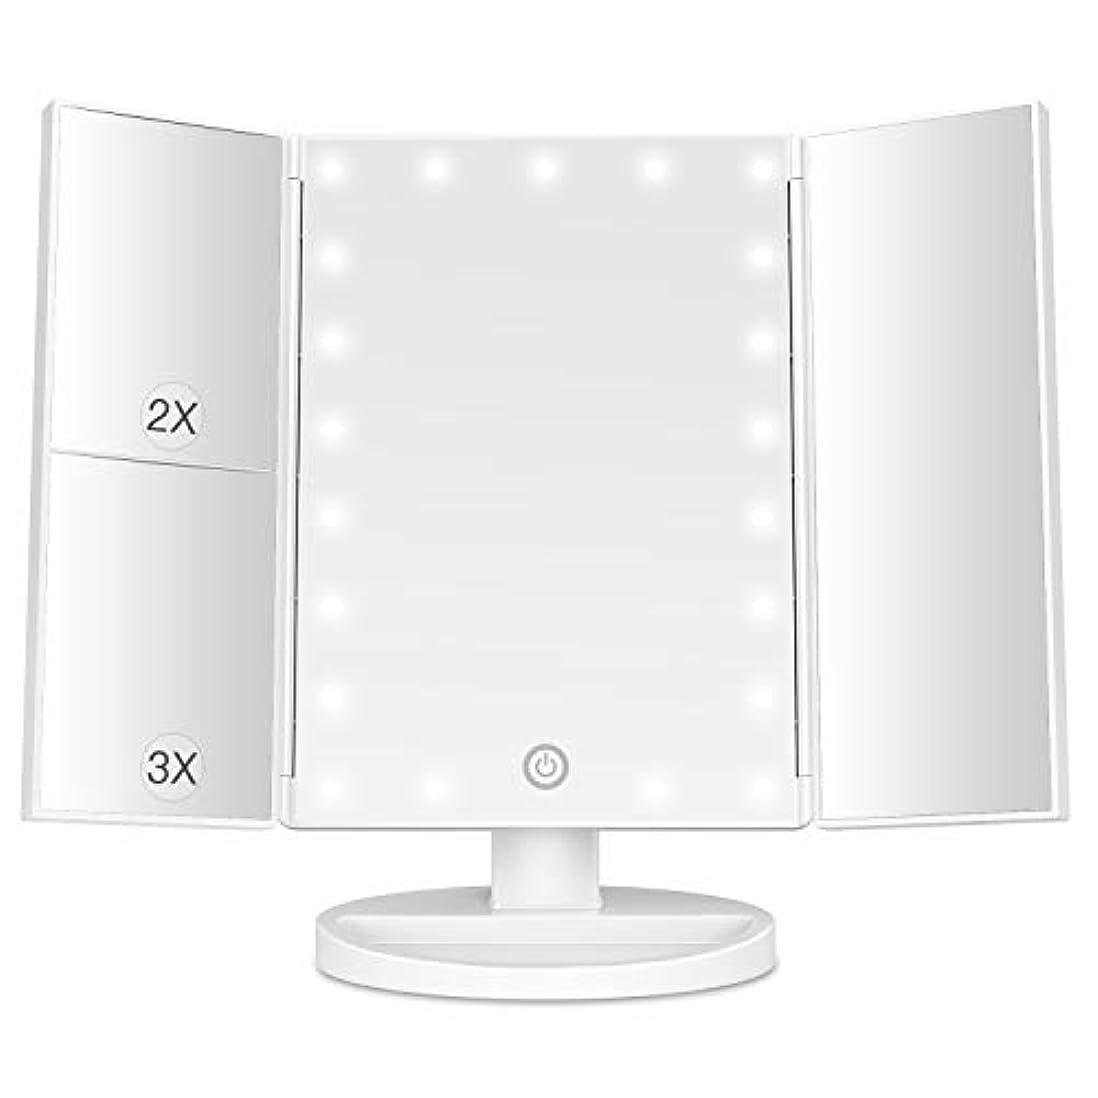 BESTOPE ライト2倍/ 3倍 倍率21とメイクバニティミラー タッチスクリーン180°調整可能な回転デュアル電源ポータブル3つ折りミラーと照明付きミラーを主導しました ホワイトアップグレード